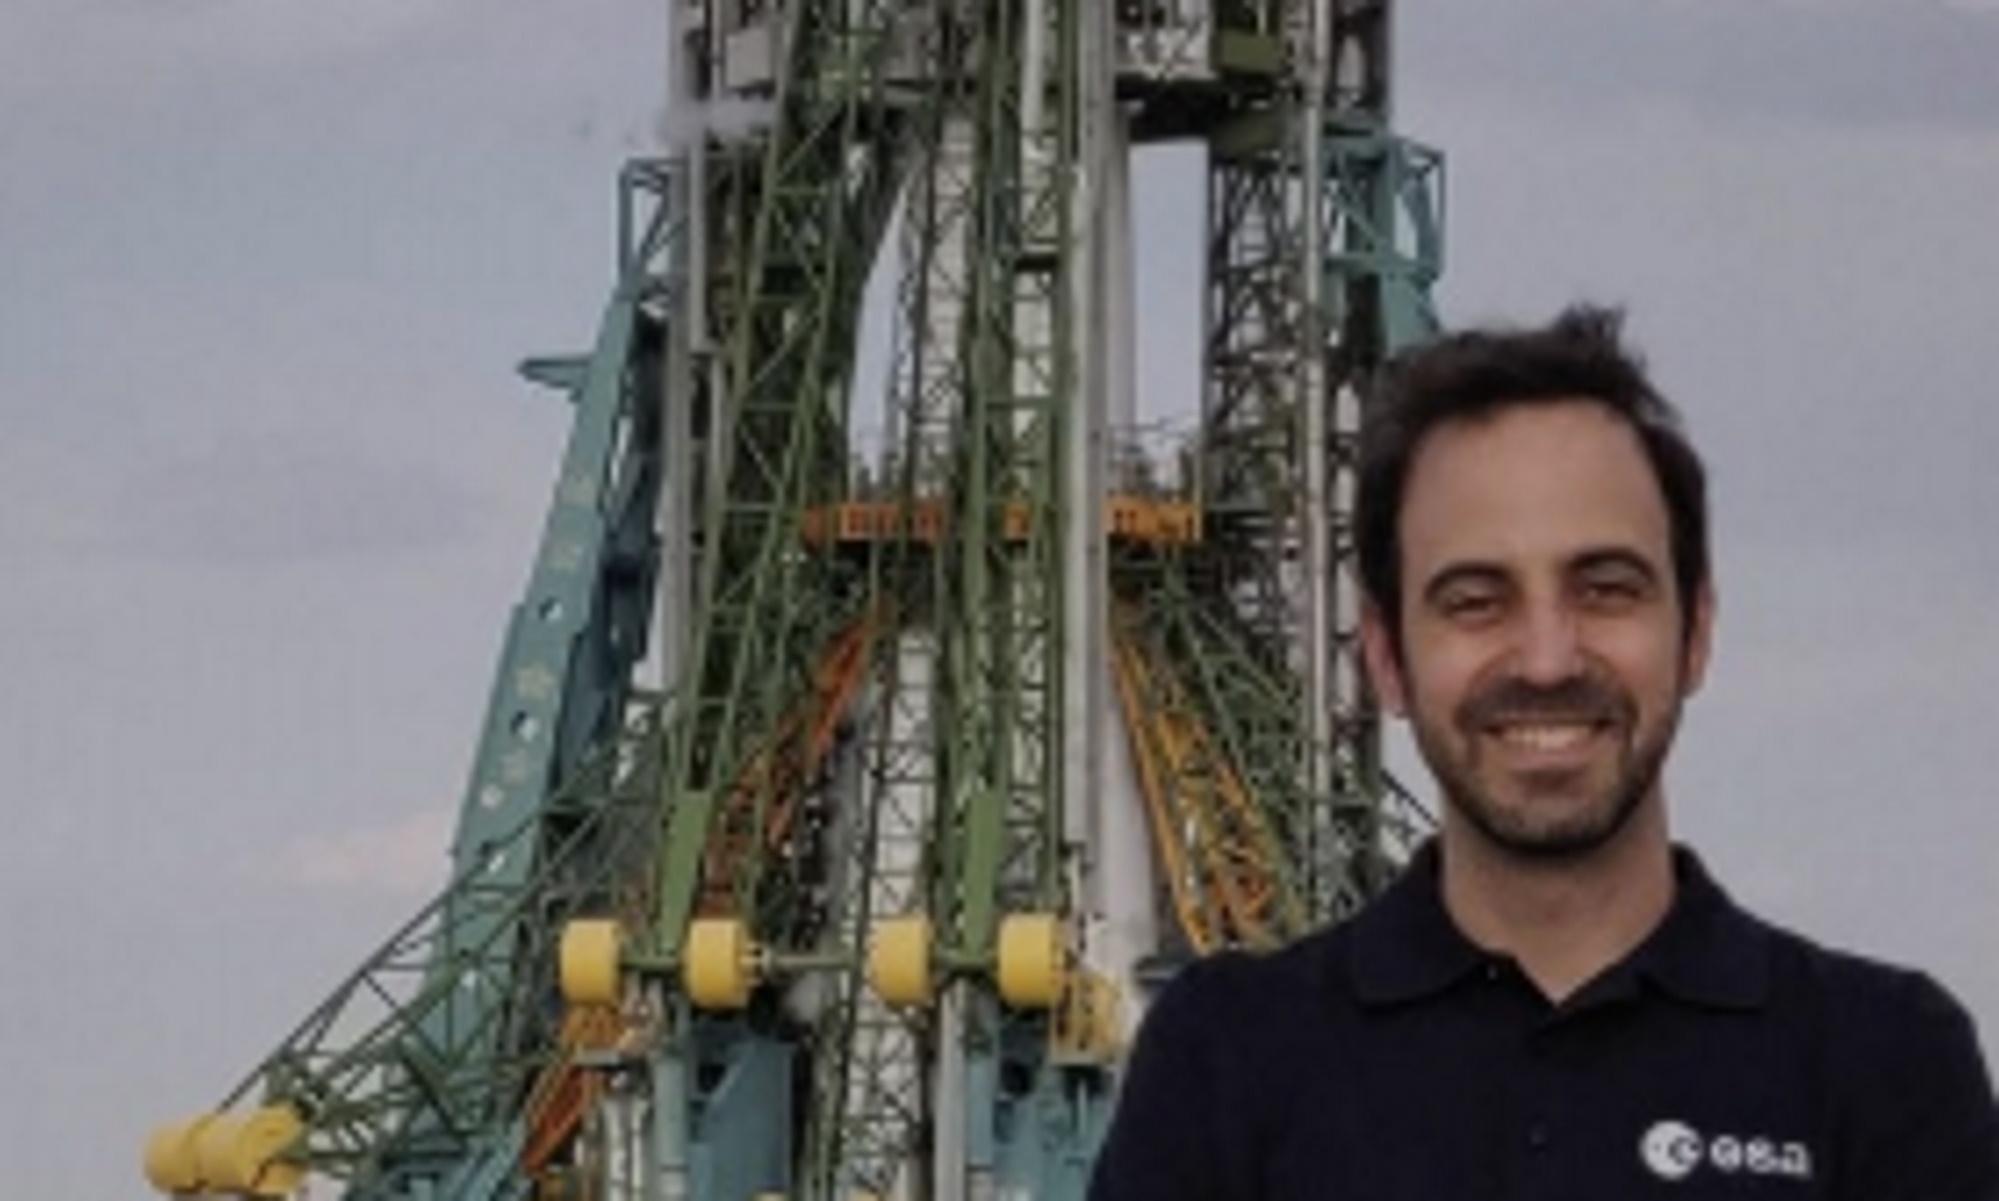 «Έτσι θα φτάσουμε στον πλανήτη Άρη» αποκαλύπτει ο Έλληνας γιατρός της διαστημικής αποστολής (pics)